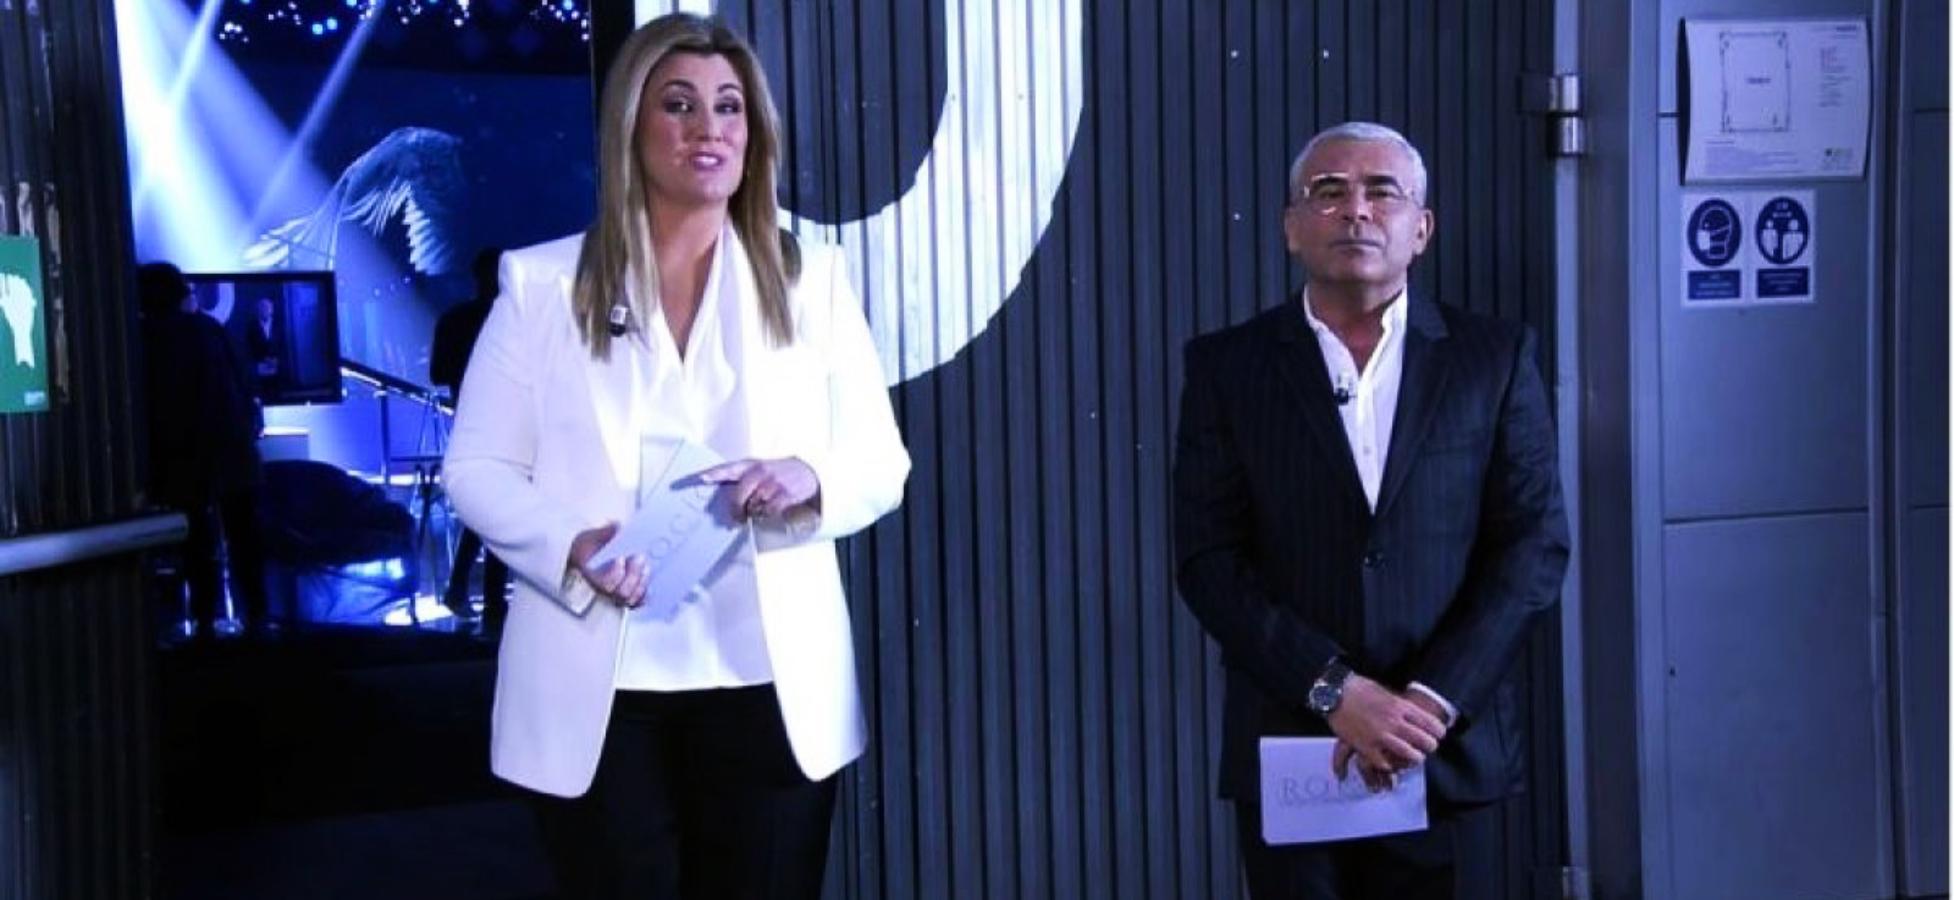 Carlota Corredera i Jorge Javier - Telecinco